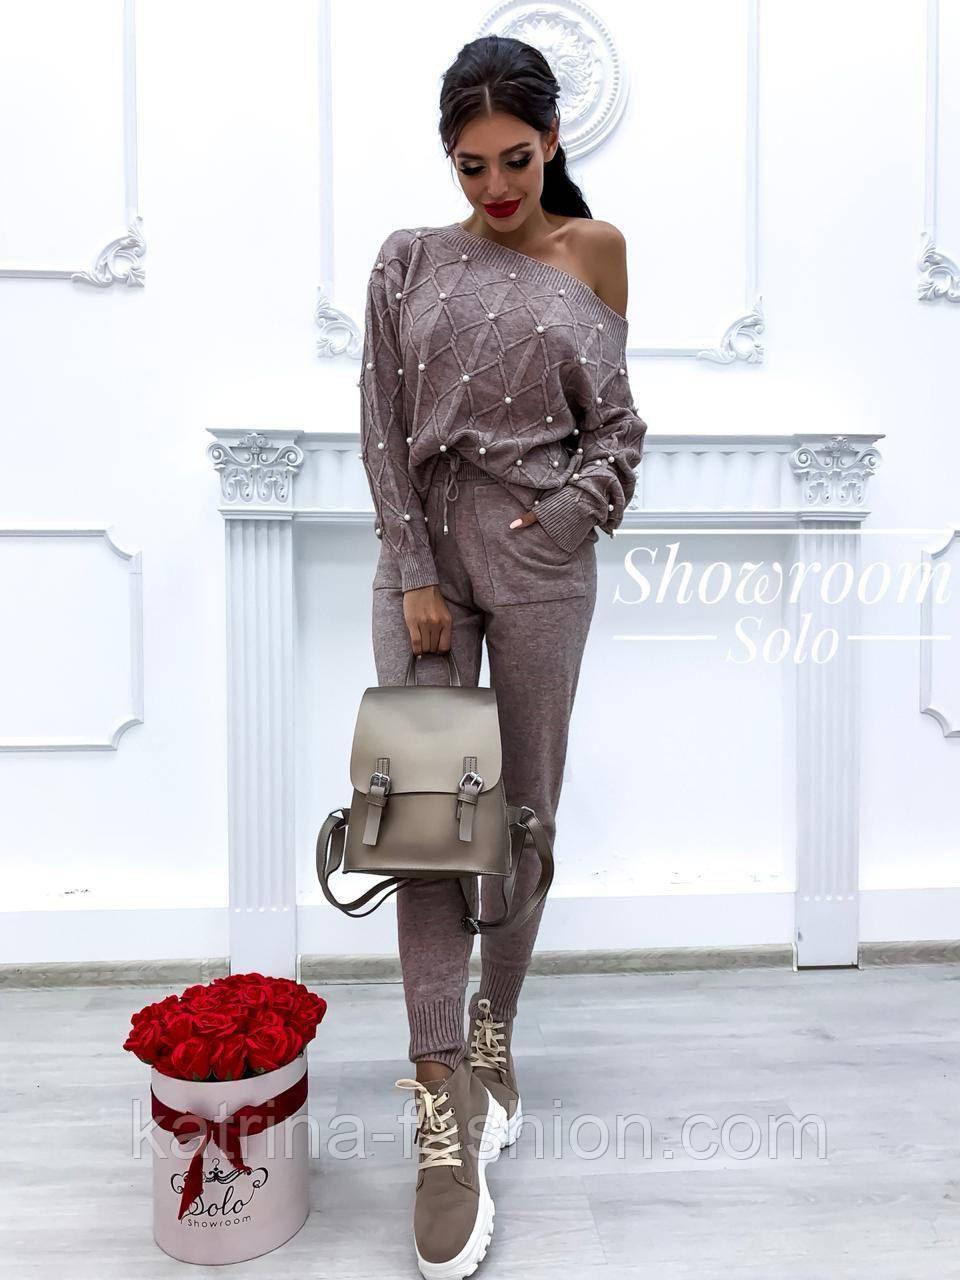 Женский теплый кашемировый качественный вязаный костюм с жемчугом серый, капучино, голубой